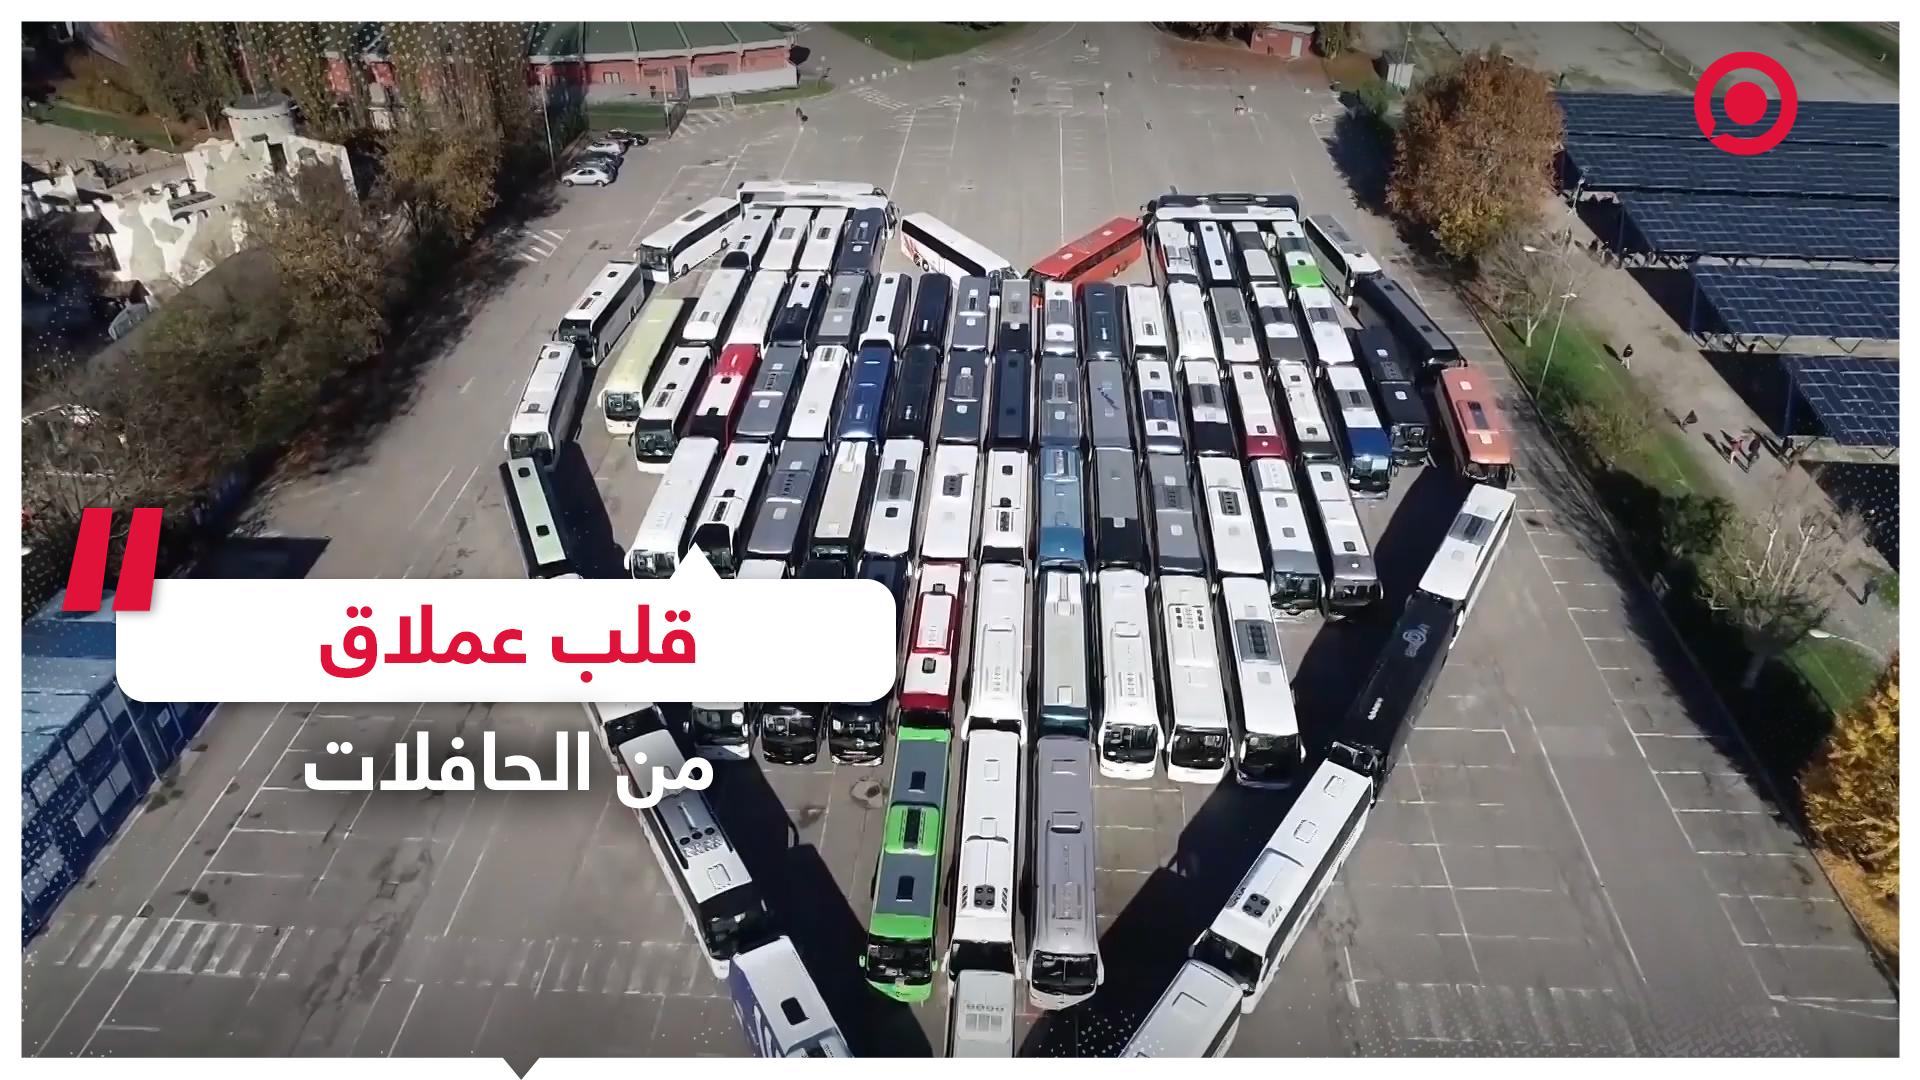 قلب عملاق من الحافلات تكريما لعاملي الرعاية الصحية في بيرغامو الإيطالية